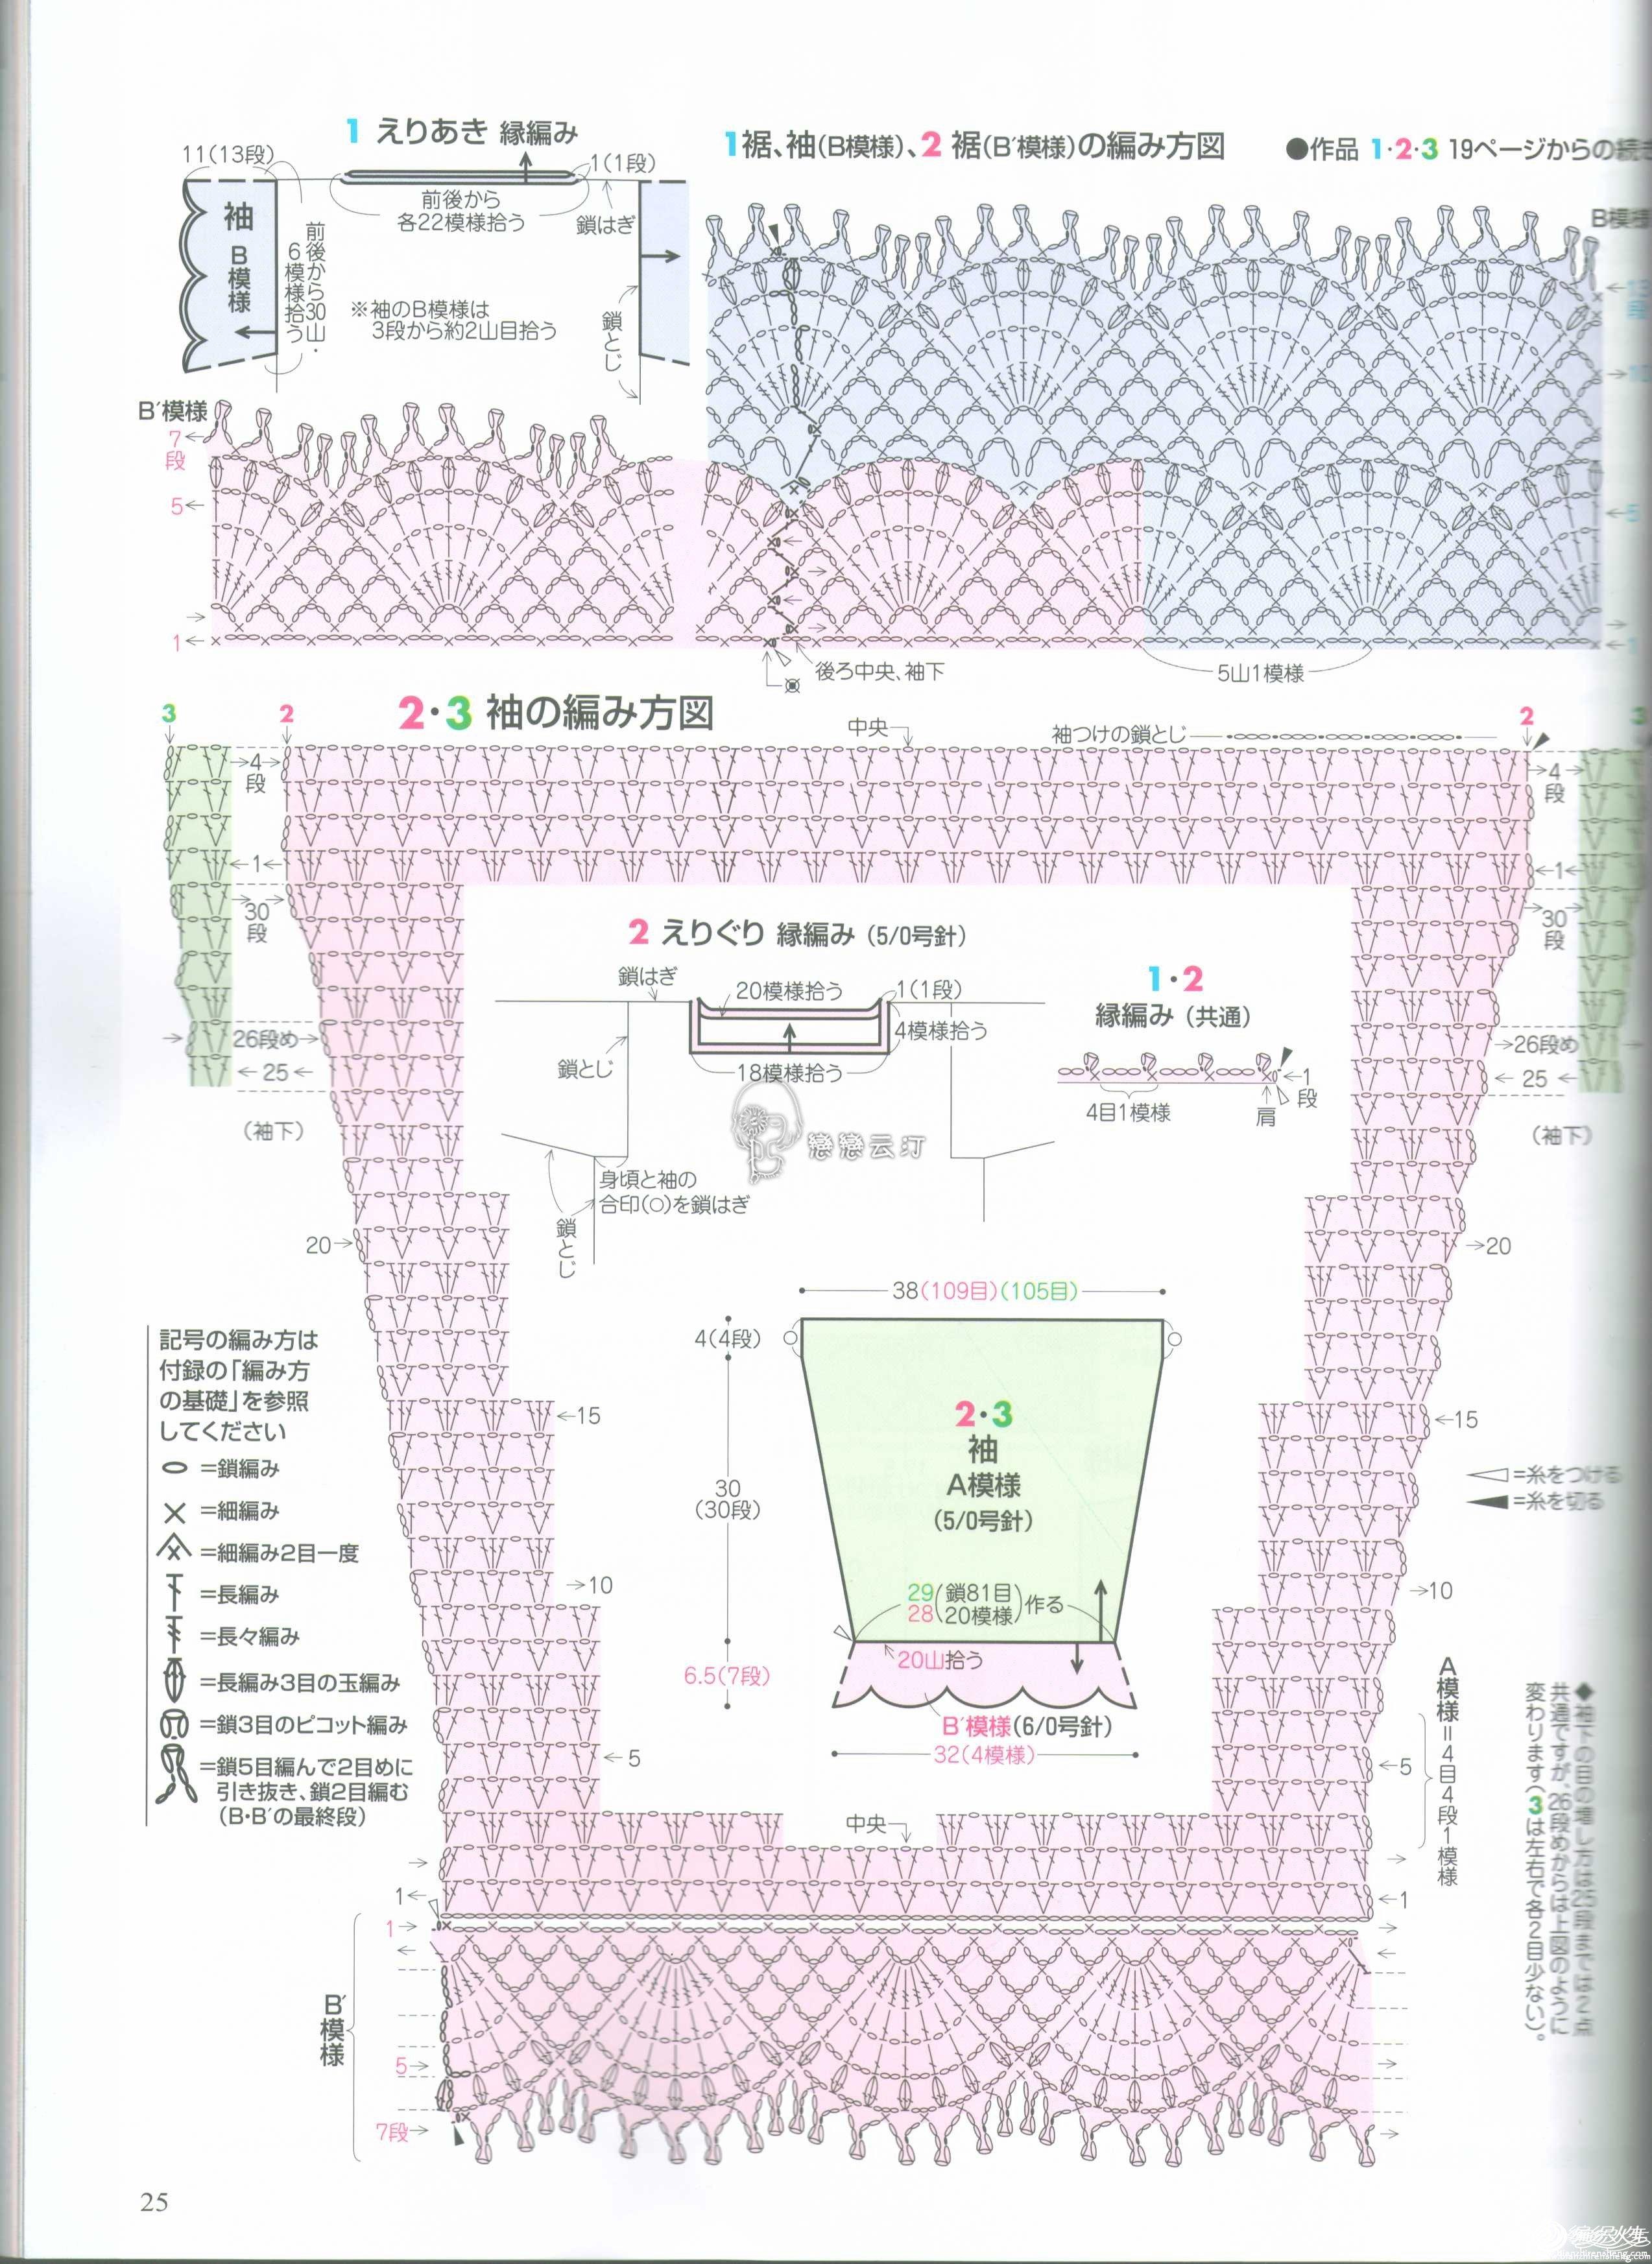 微信图片_20200522090114.jpg